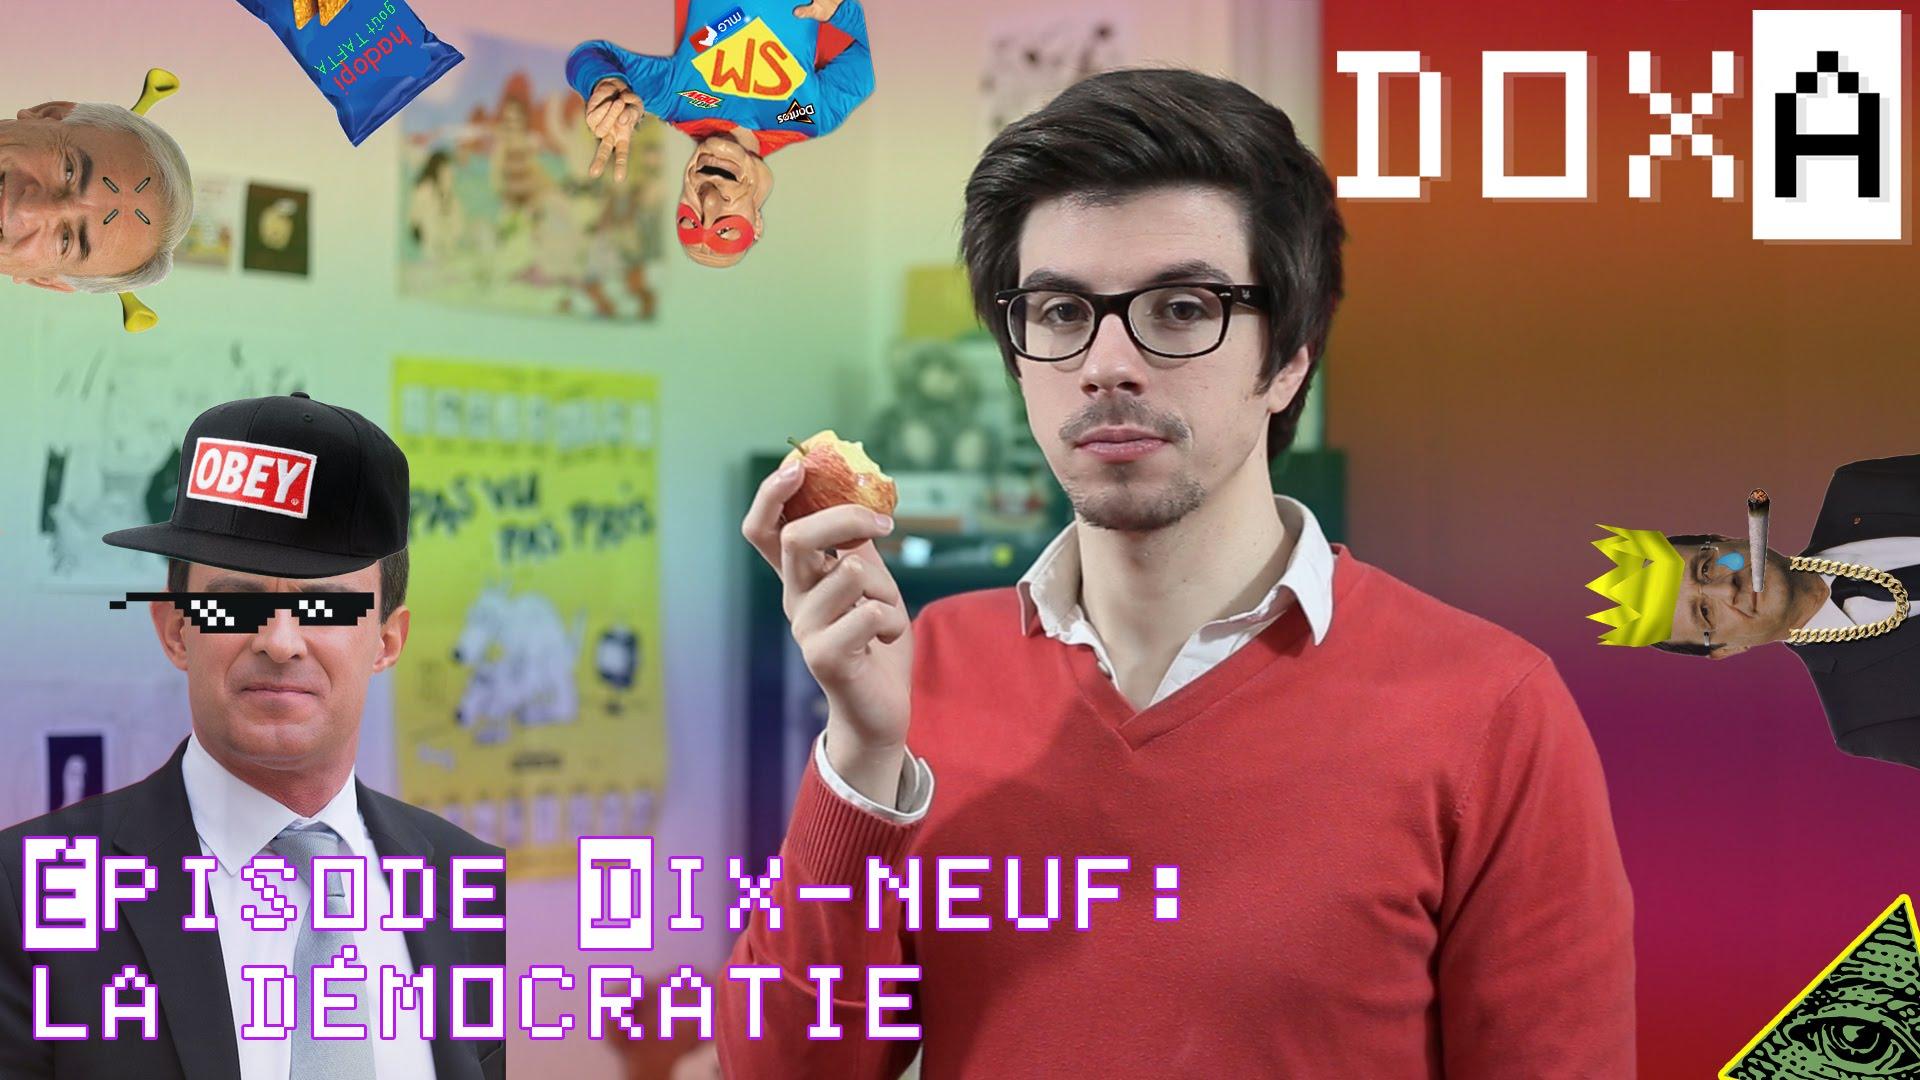 La d mocratie expliqu e par le youtubeur philosophe doxa for Bureau youtubeur